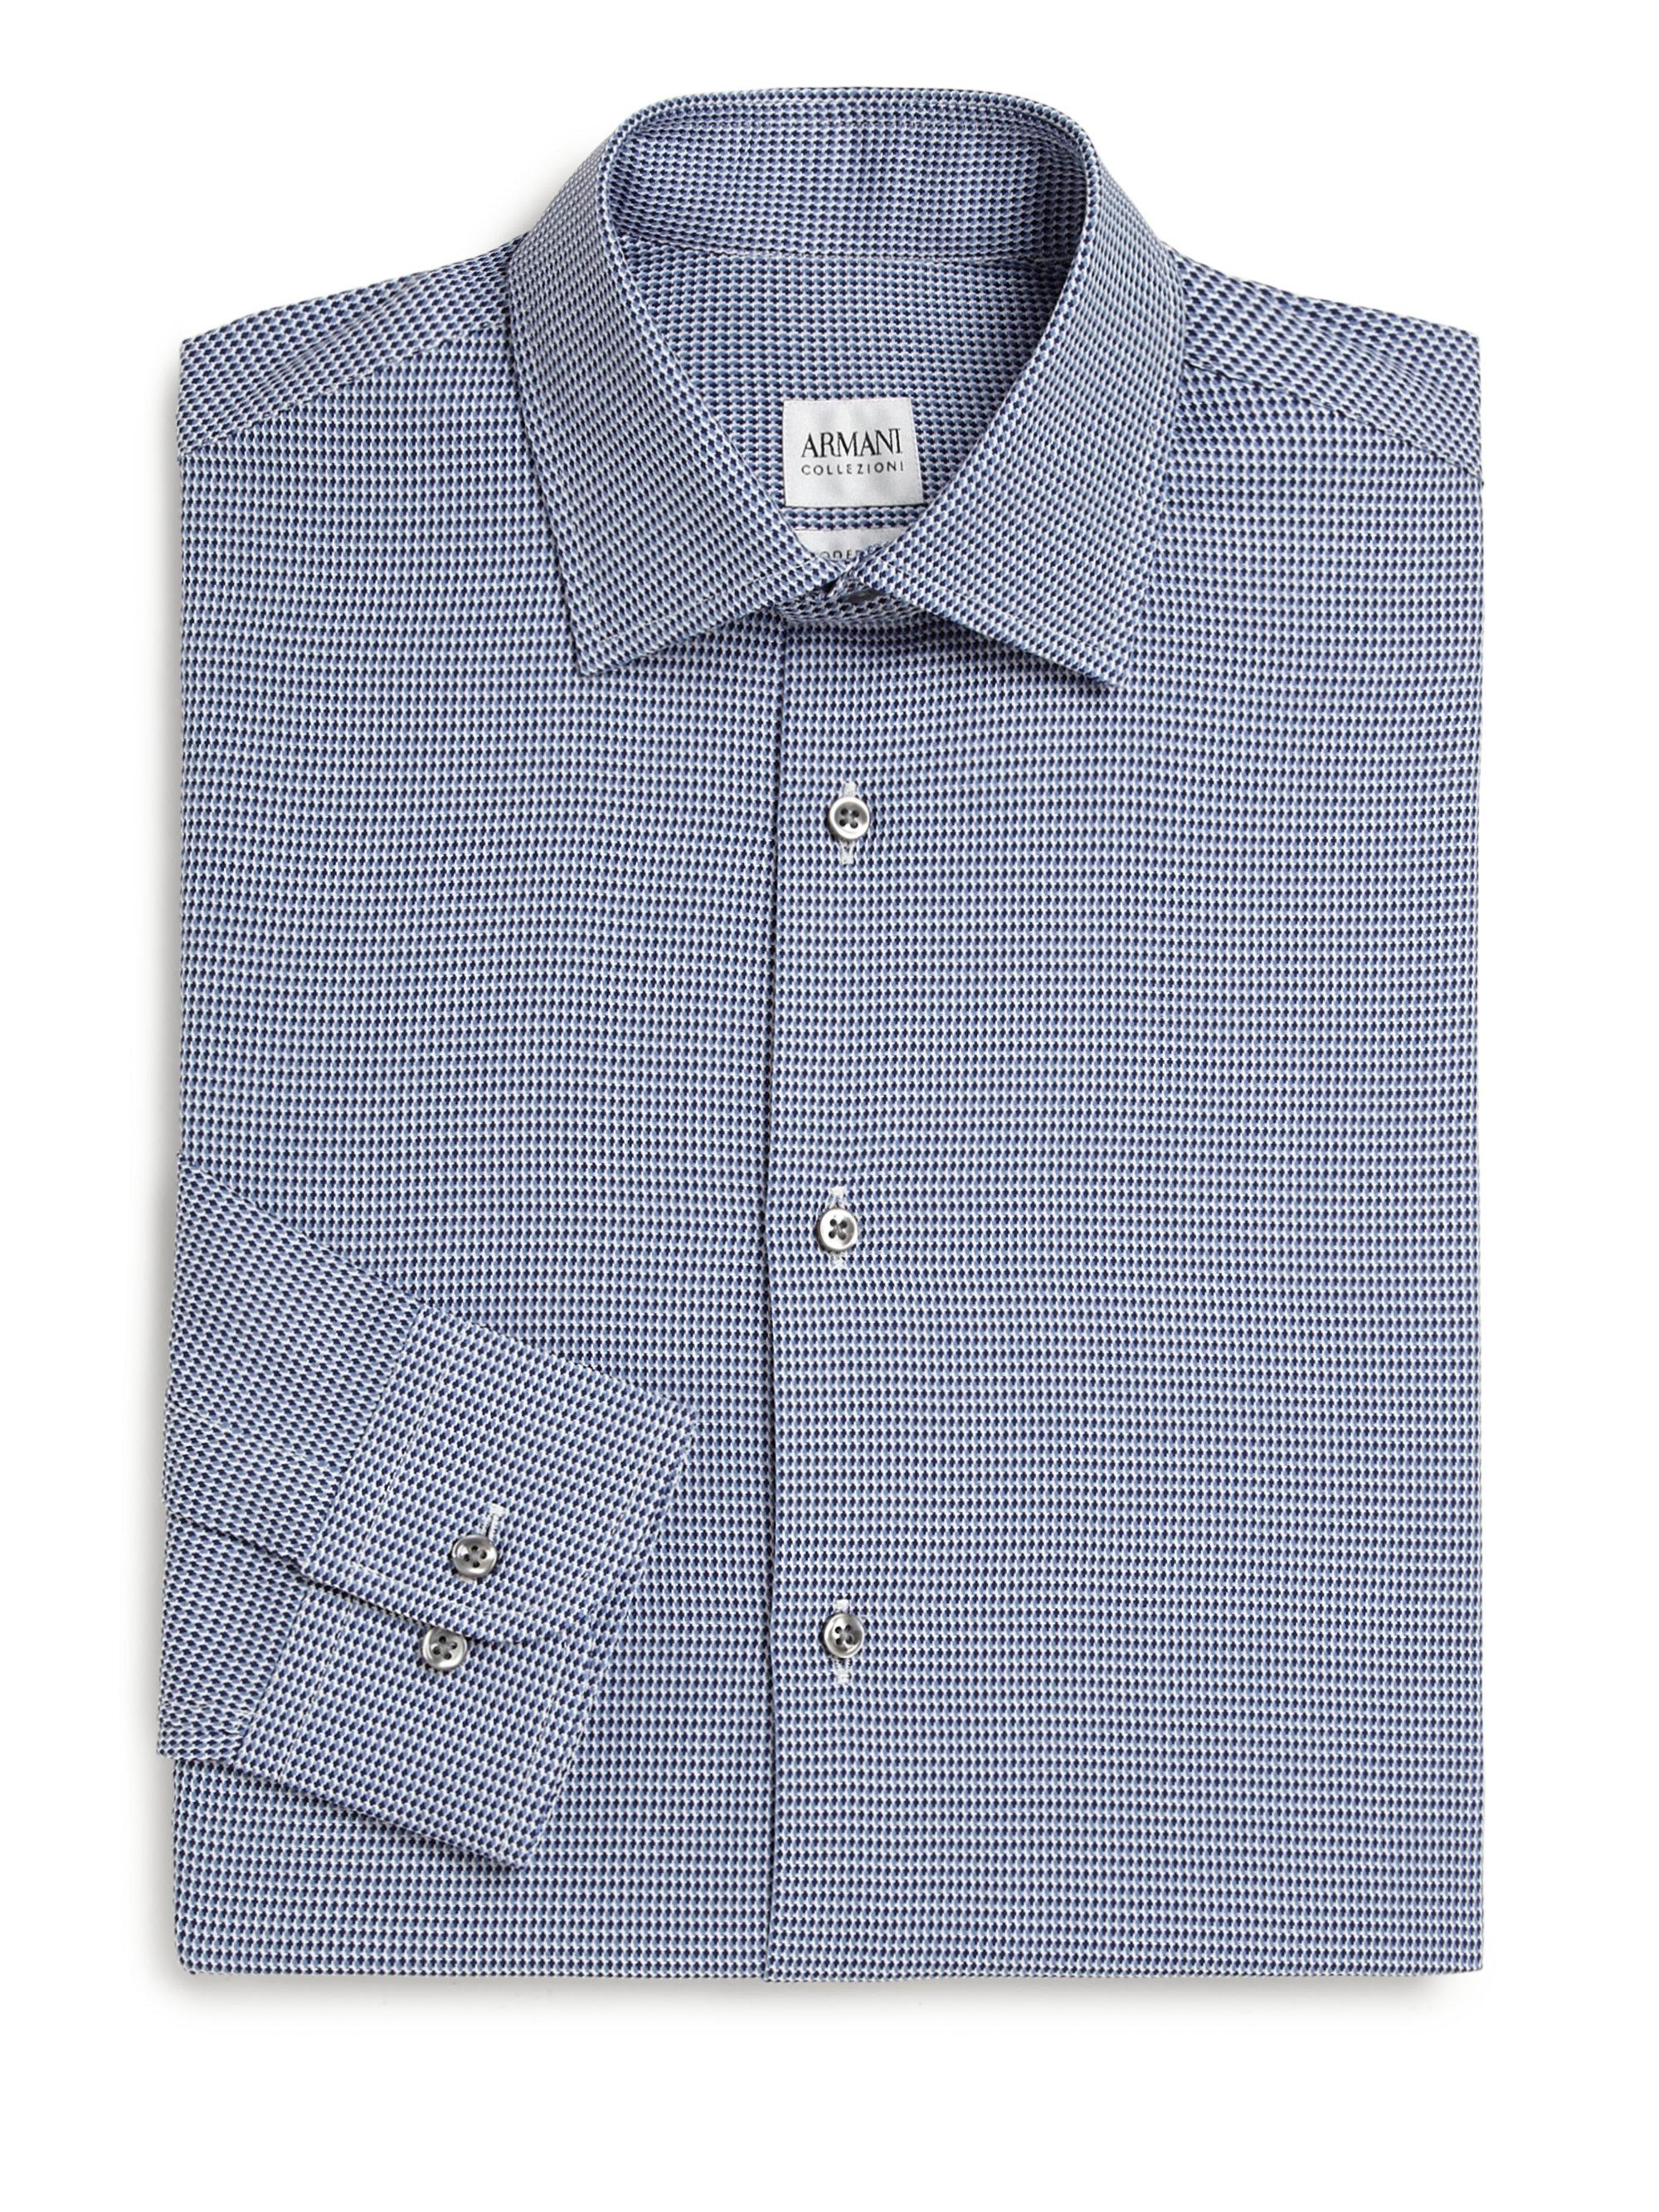 Lyst armani modern fit honeycomb print dress shirt in for Modern fit dress shirt